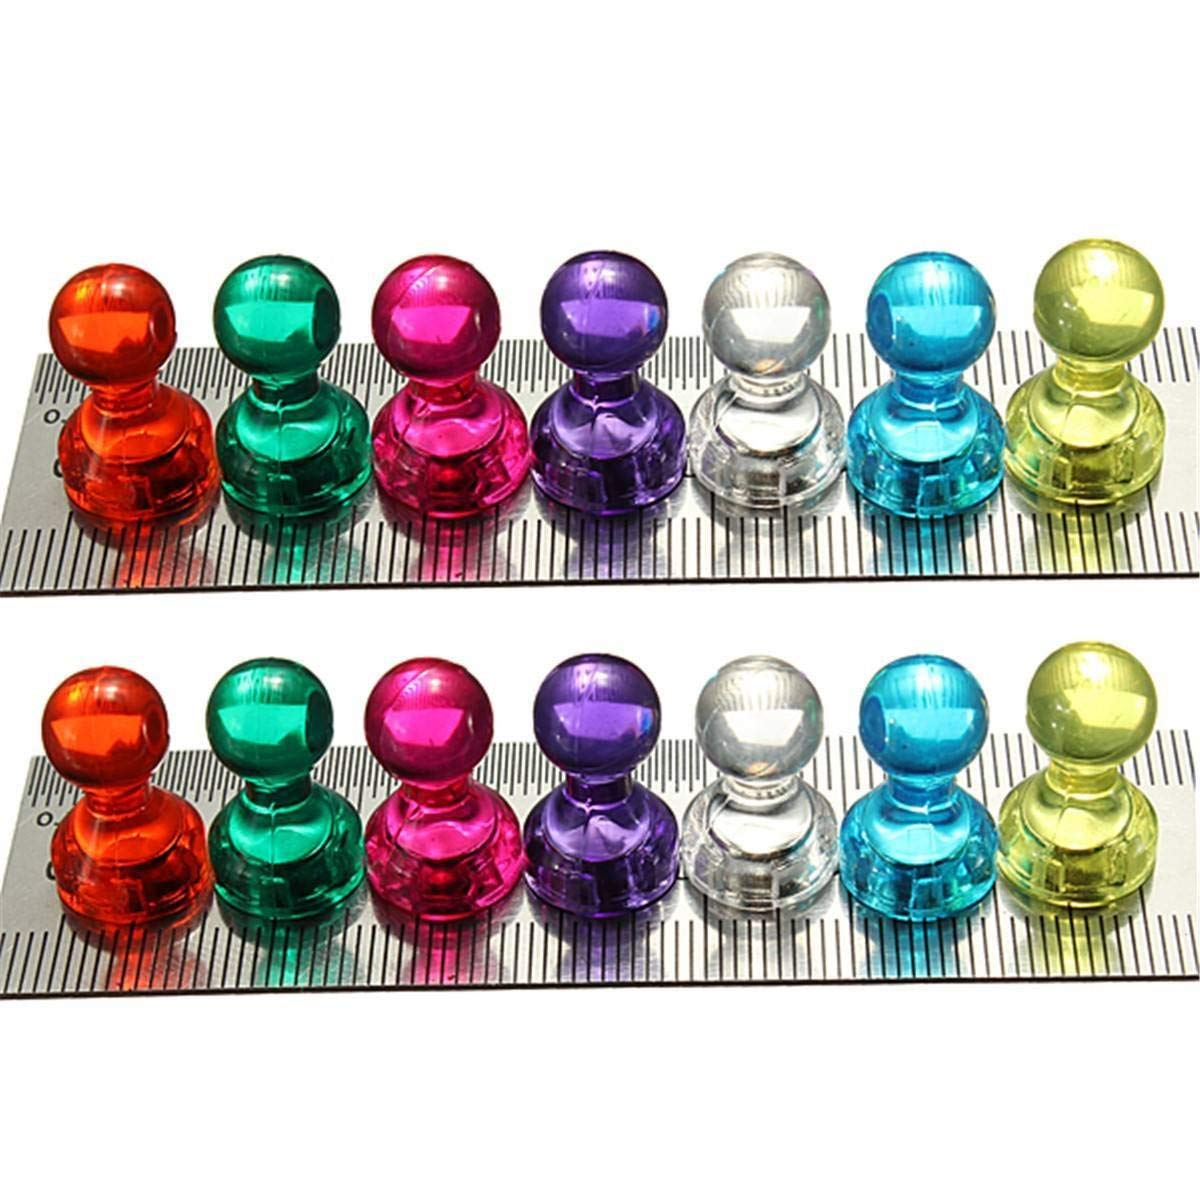 14 Stü ck starke Neodym-Magnete in N35 & 18 x 16 mm Super magnetische Pinnwand Bü ro Schach Deanyi